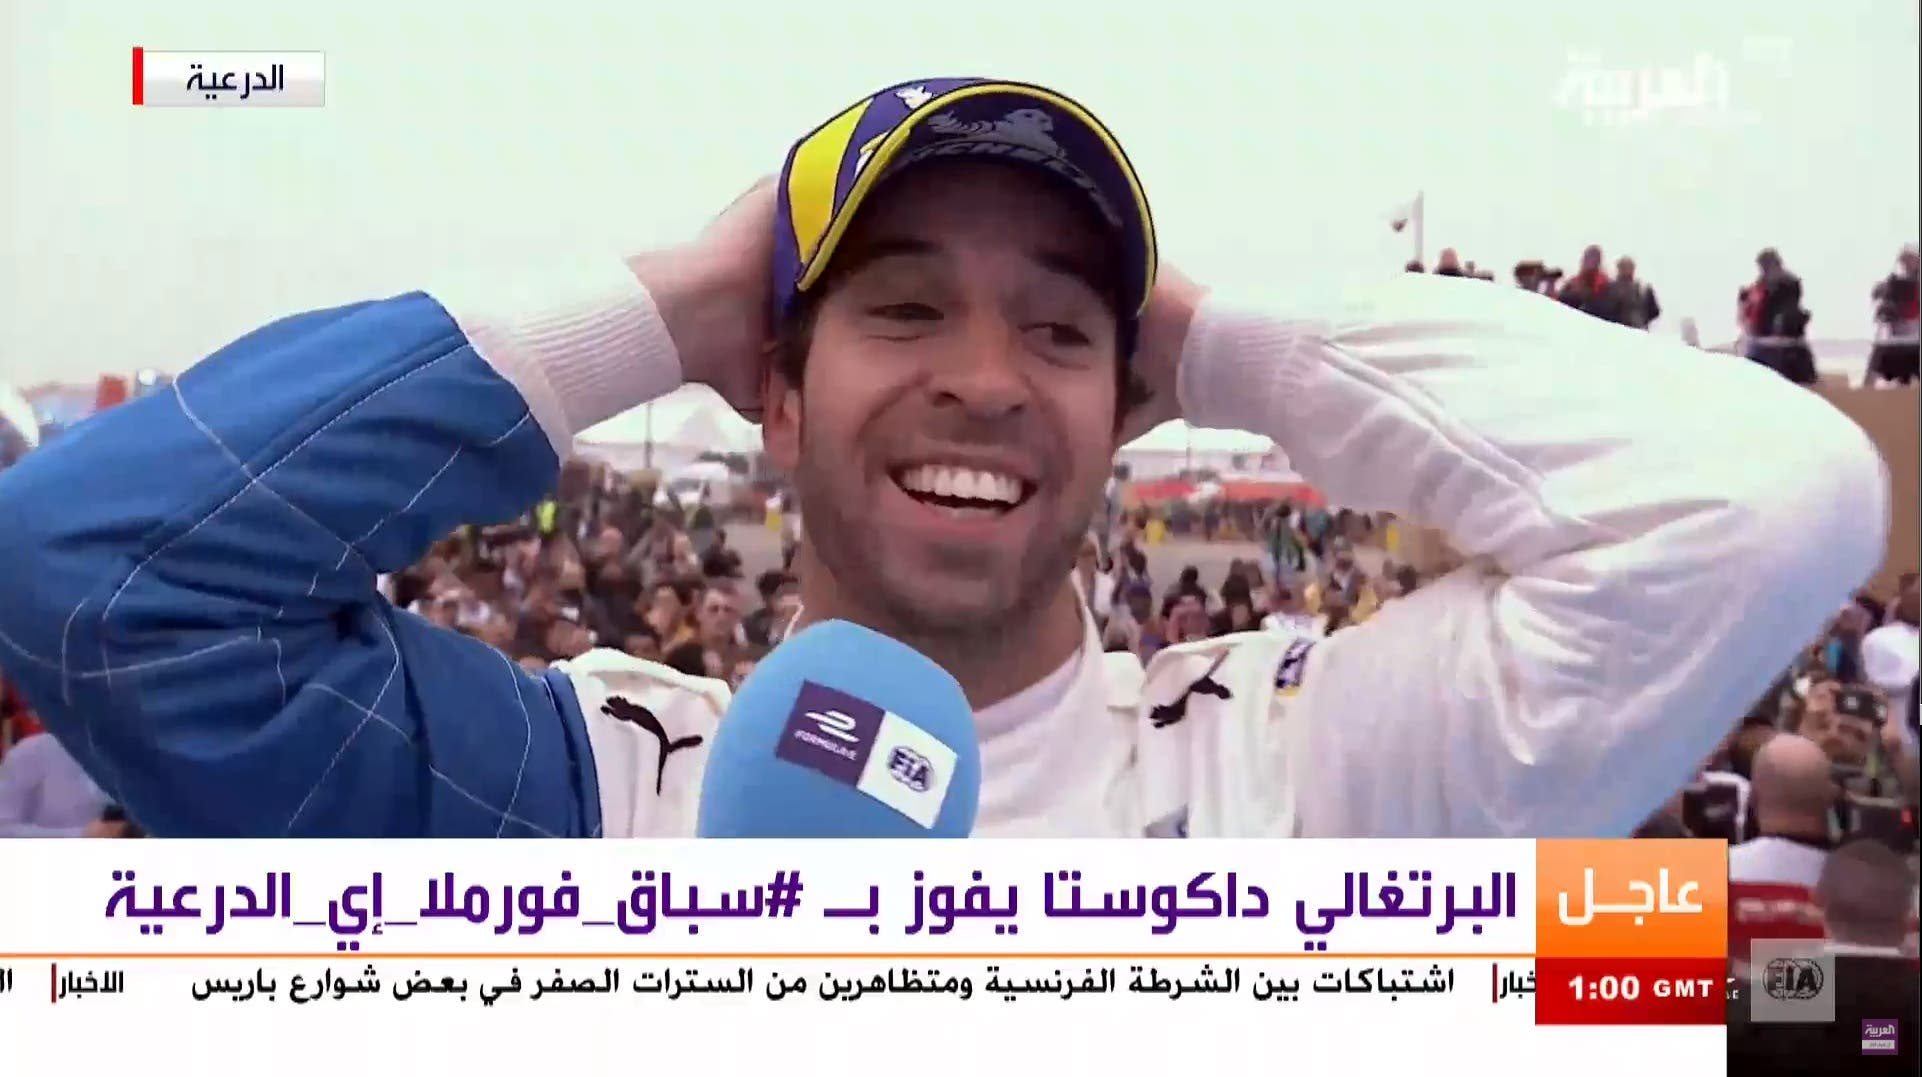 آنتونیو فیلیکس دوکوستا برنده فورمولا ای